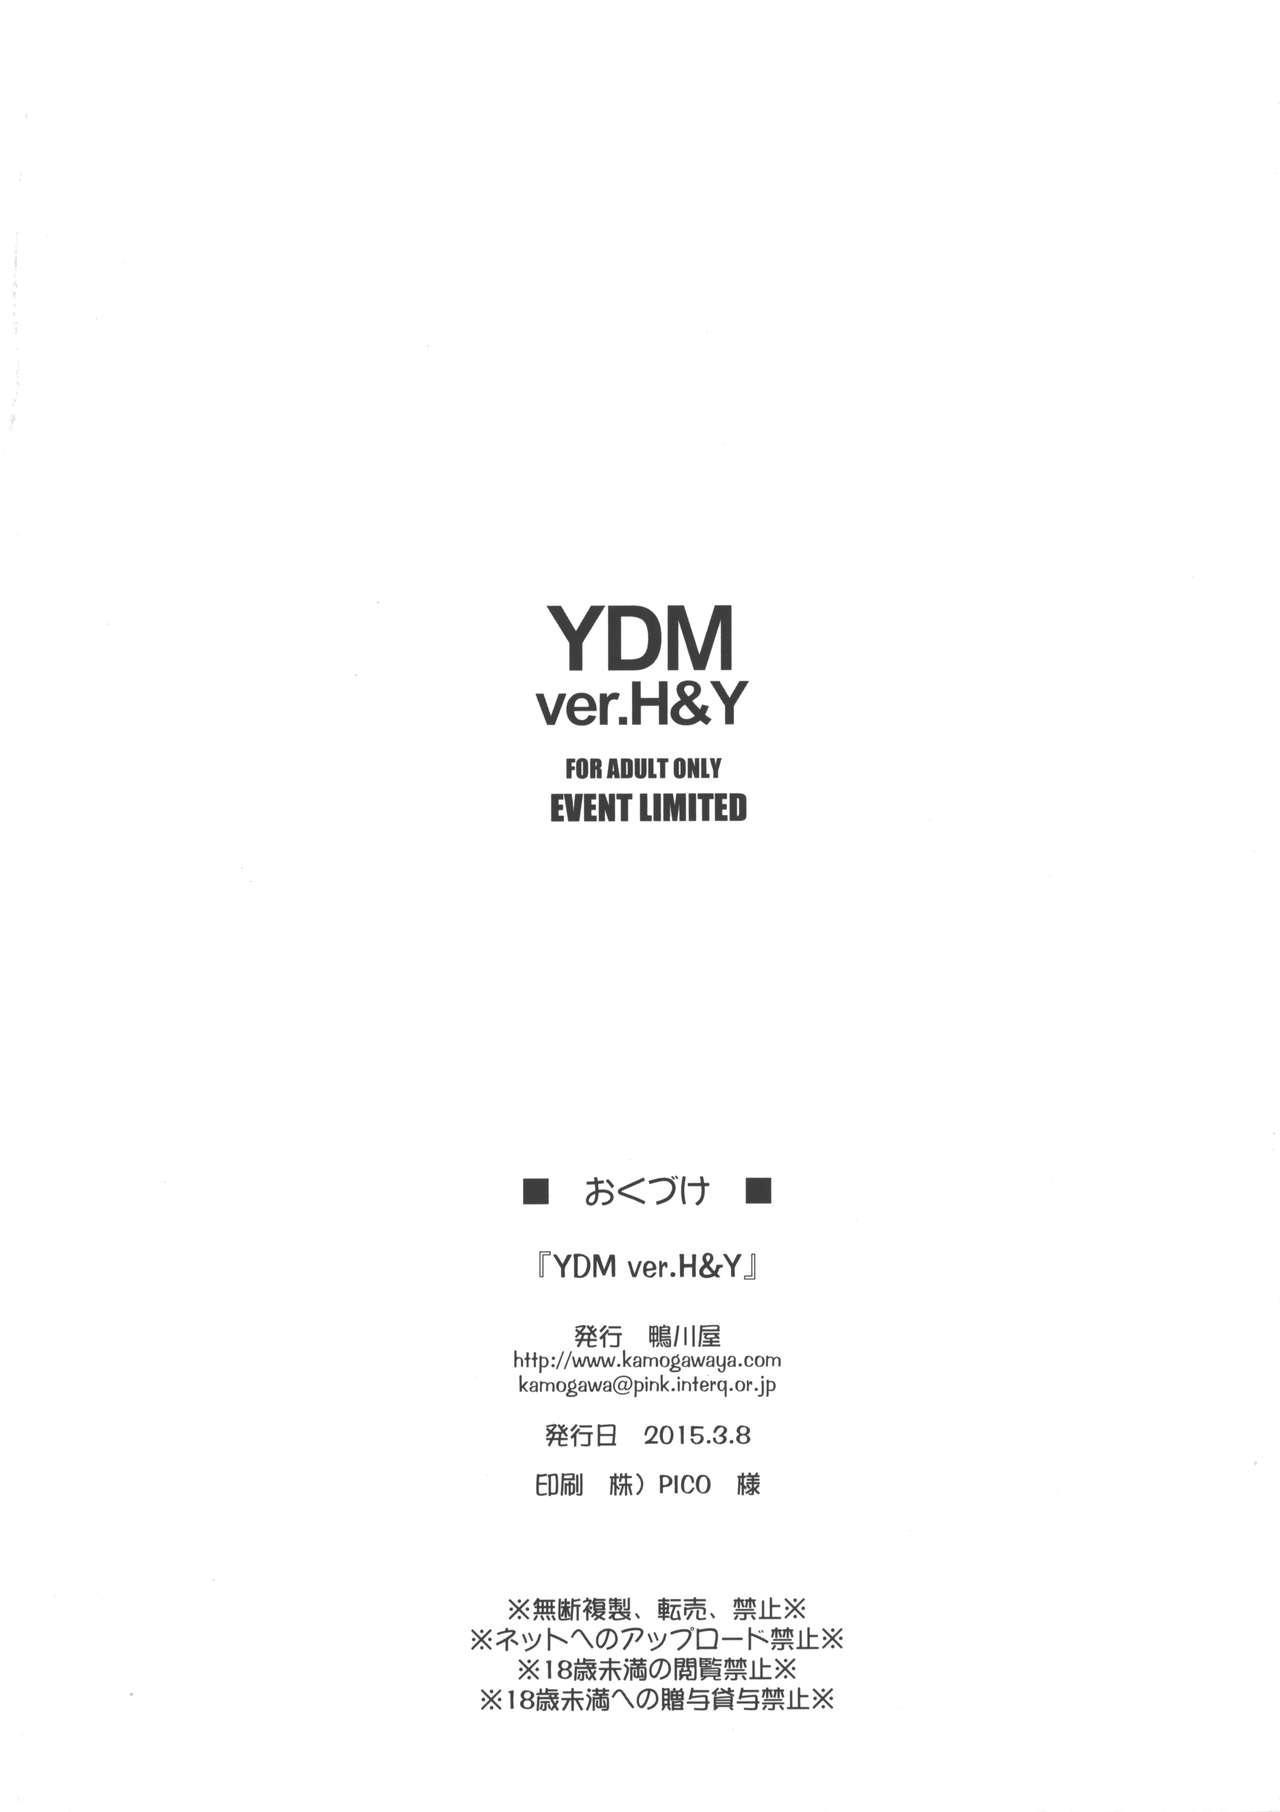 YDM ver.H&Y 13